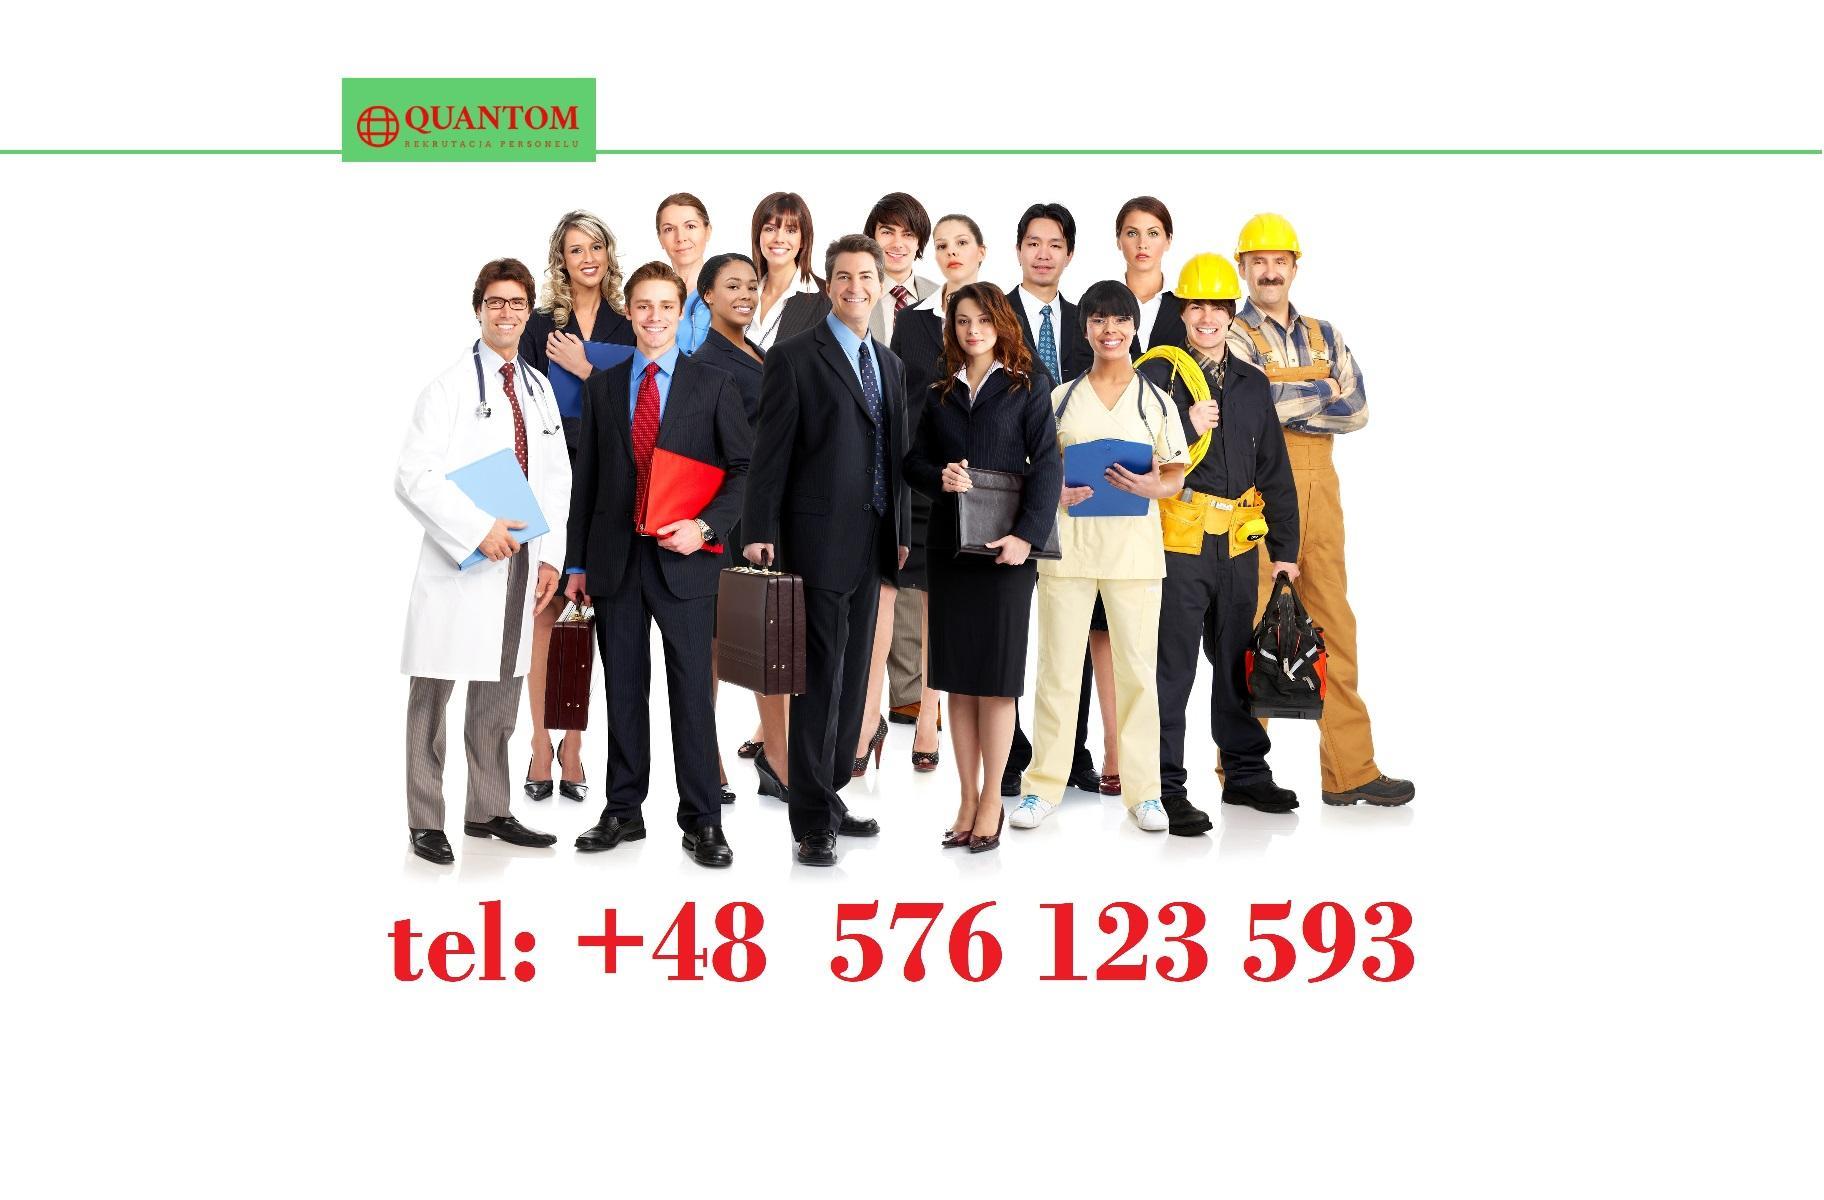 Dostarczymy pracowników z Filipin, Nepalu, Uzbekistanu. Zadzwoń: +48 576123593